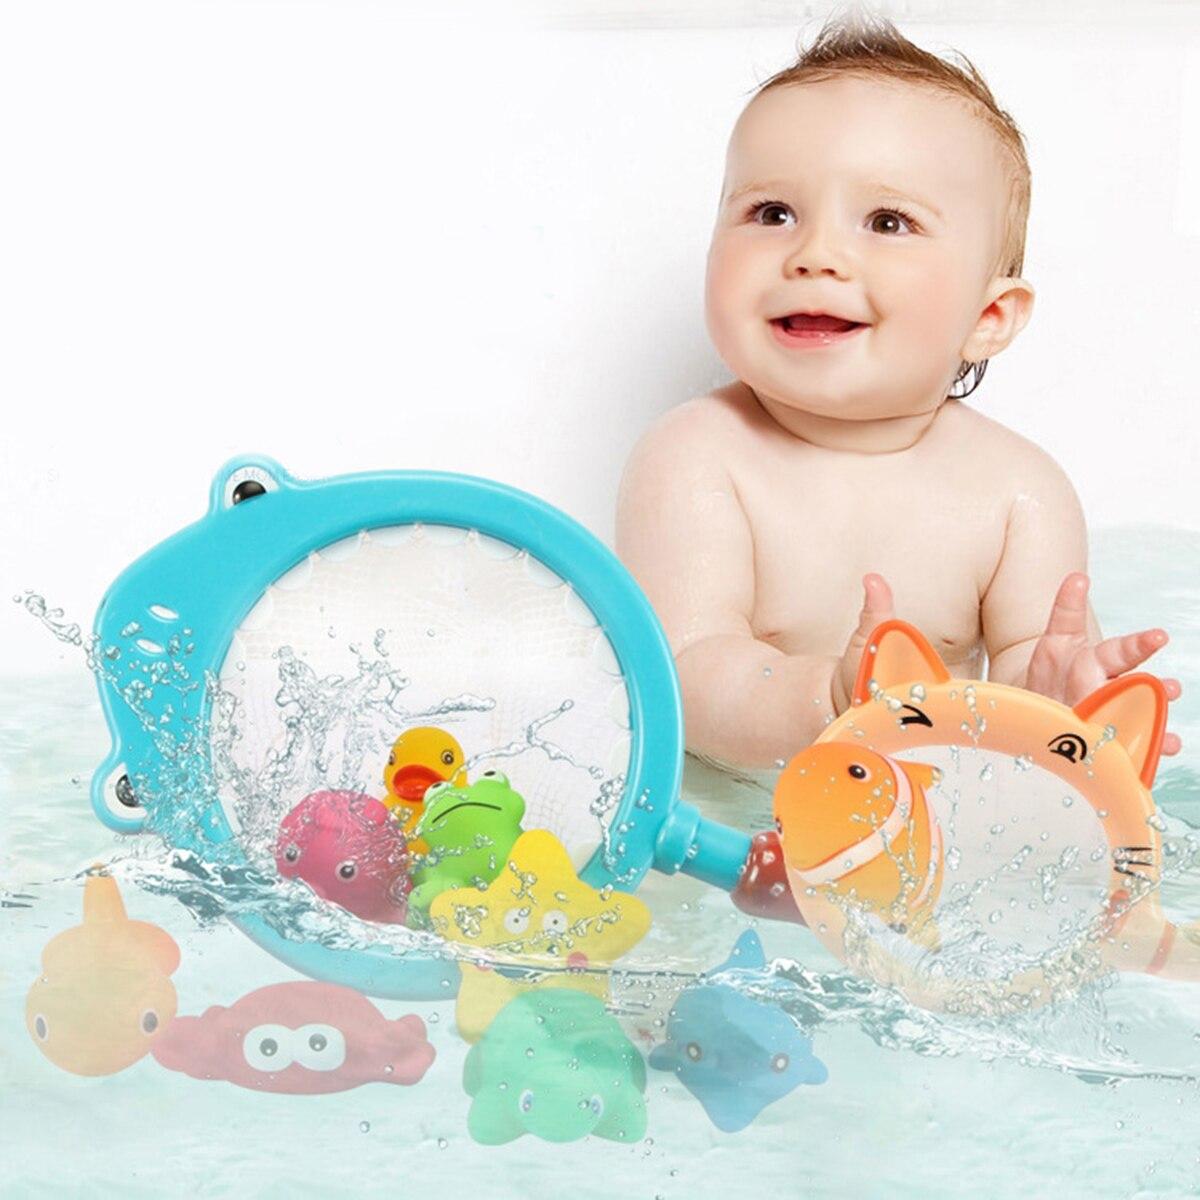 5Pcs Playing Water Children Kids Bathing Pool Tub nimals